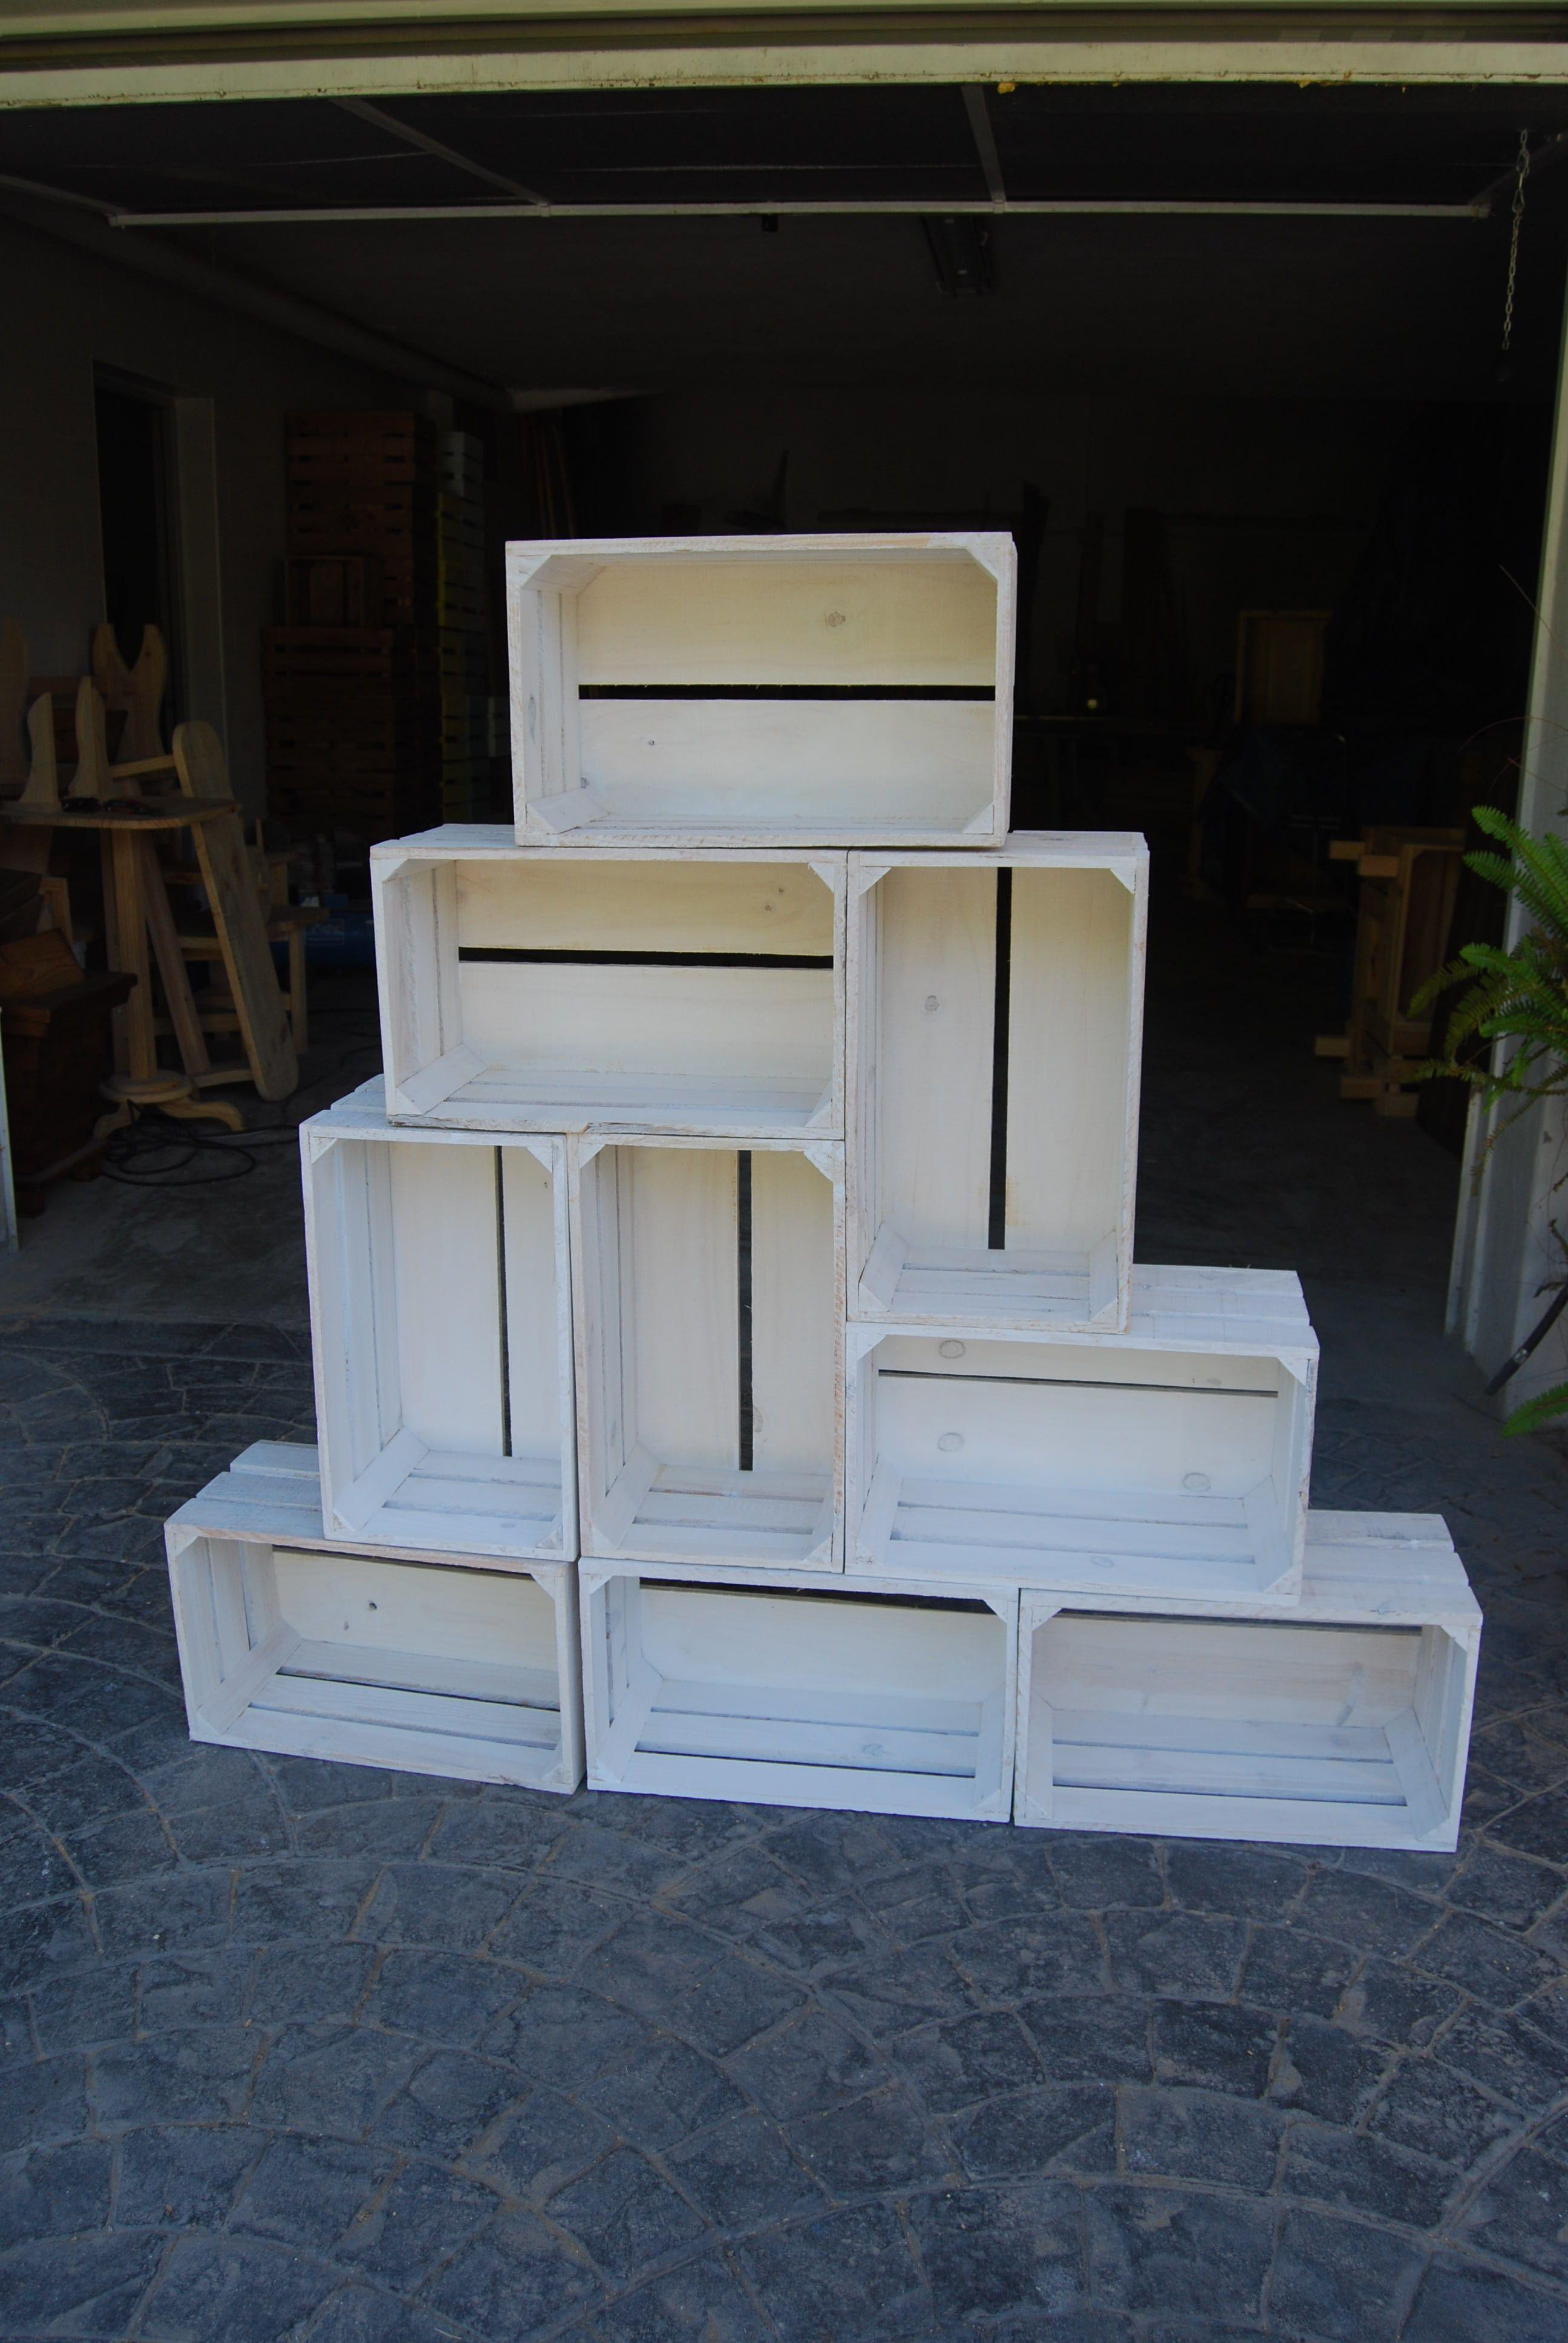 Cajas de diferentes tamaños apiladas y de color blanco, estantería para todo tipo de cosas #madera #artesanal #design #interior #exterior #decoracion #wood